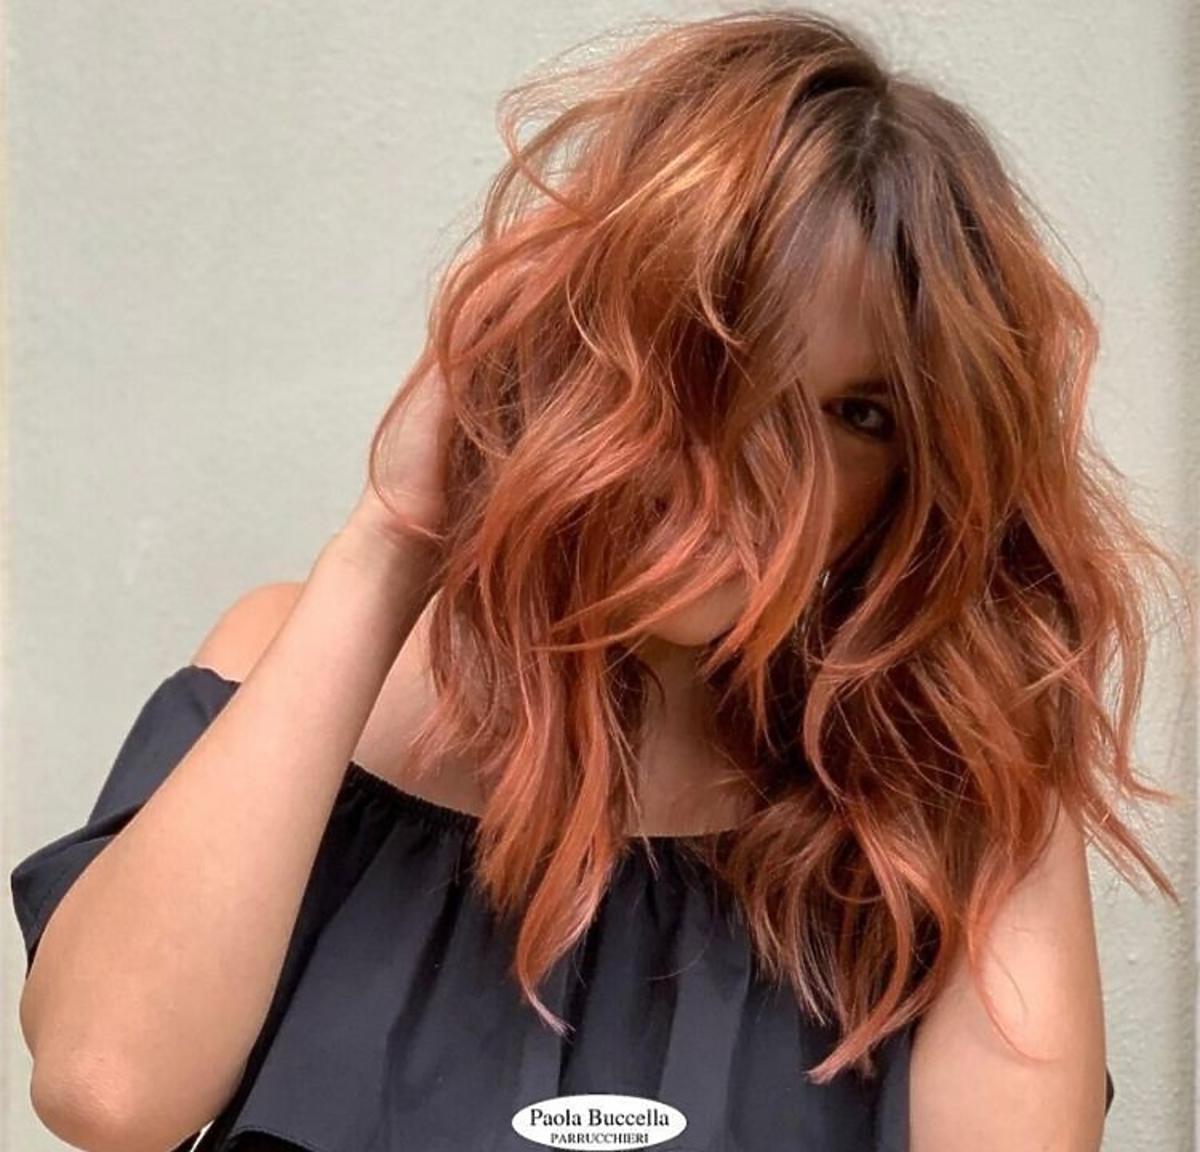 Te fryzury dla długich włosów na 2020 rok  są hitem Instagrama /paolabuccellaparrucchieri